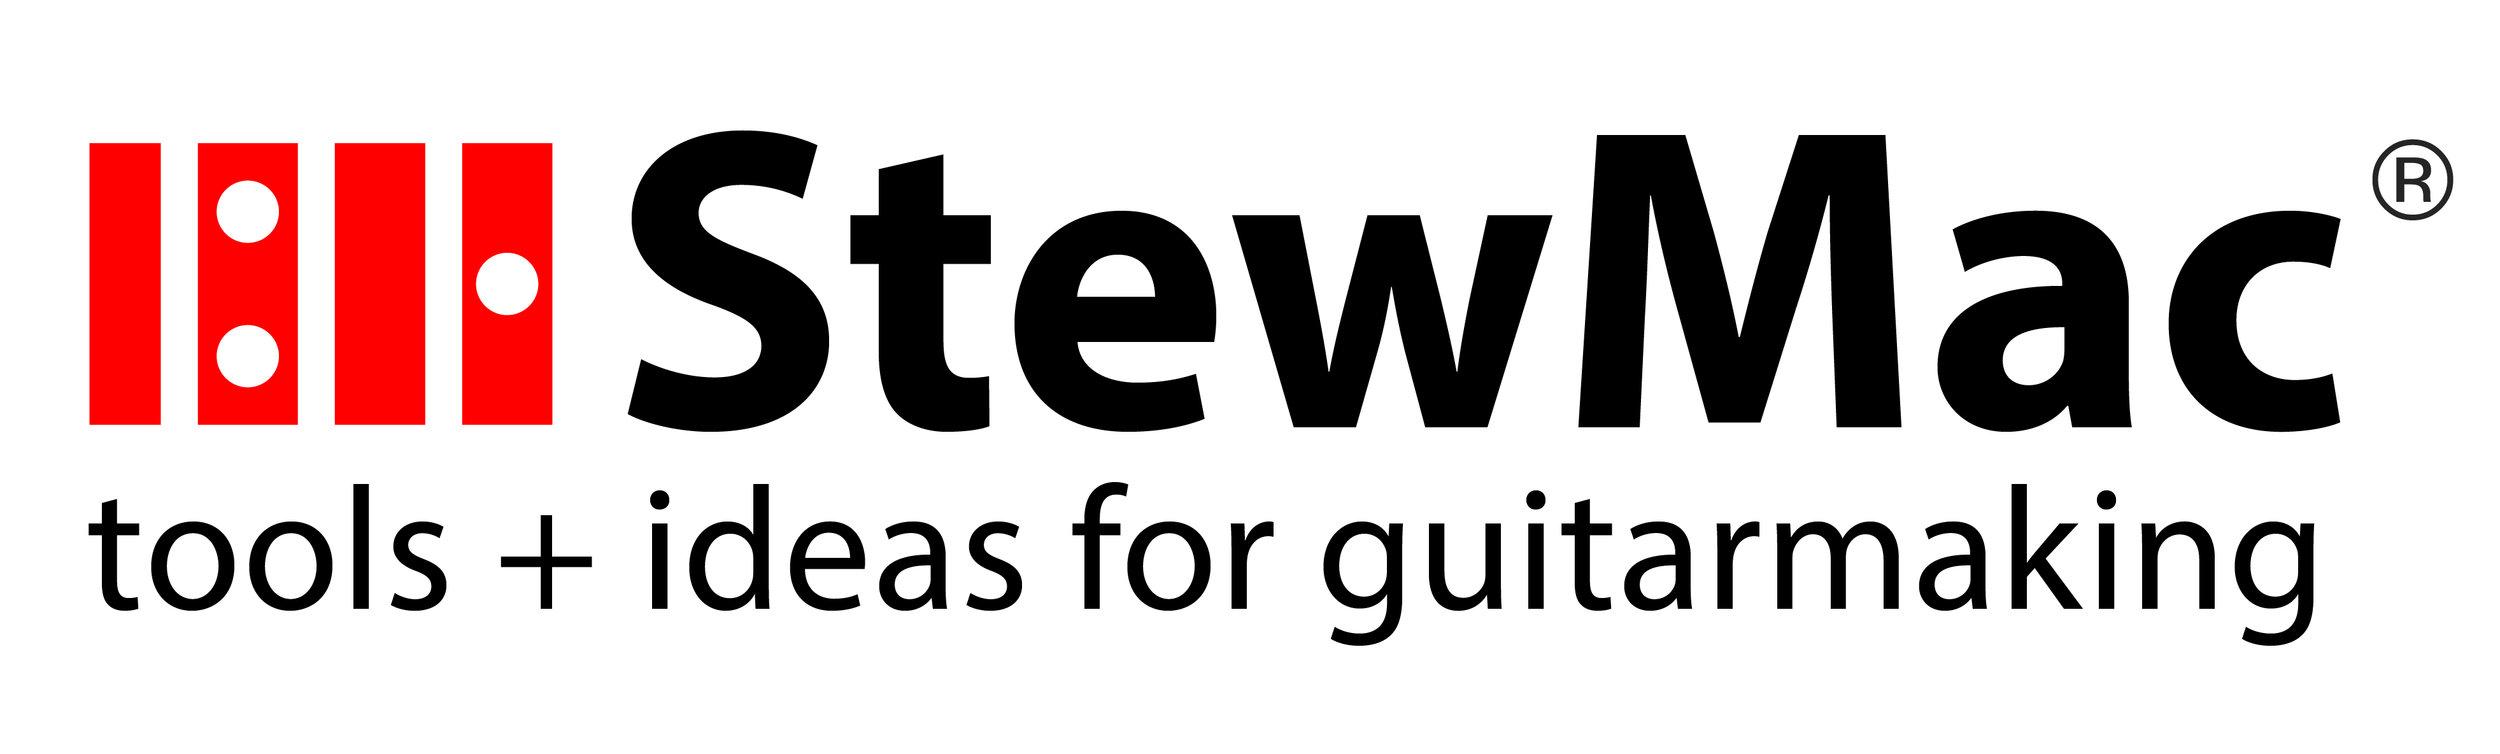 stewmac_logo.jpg